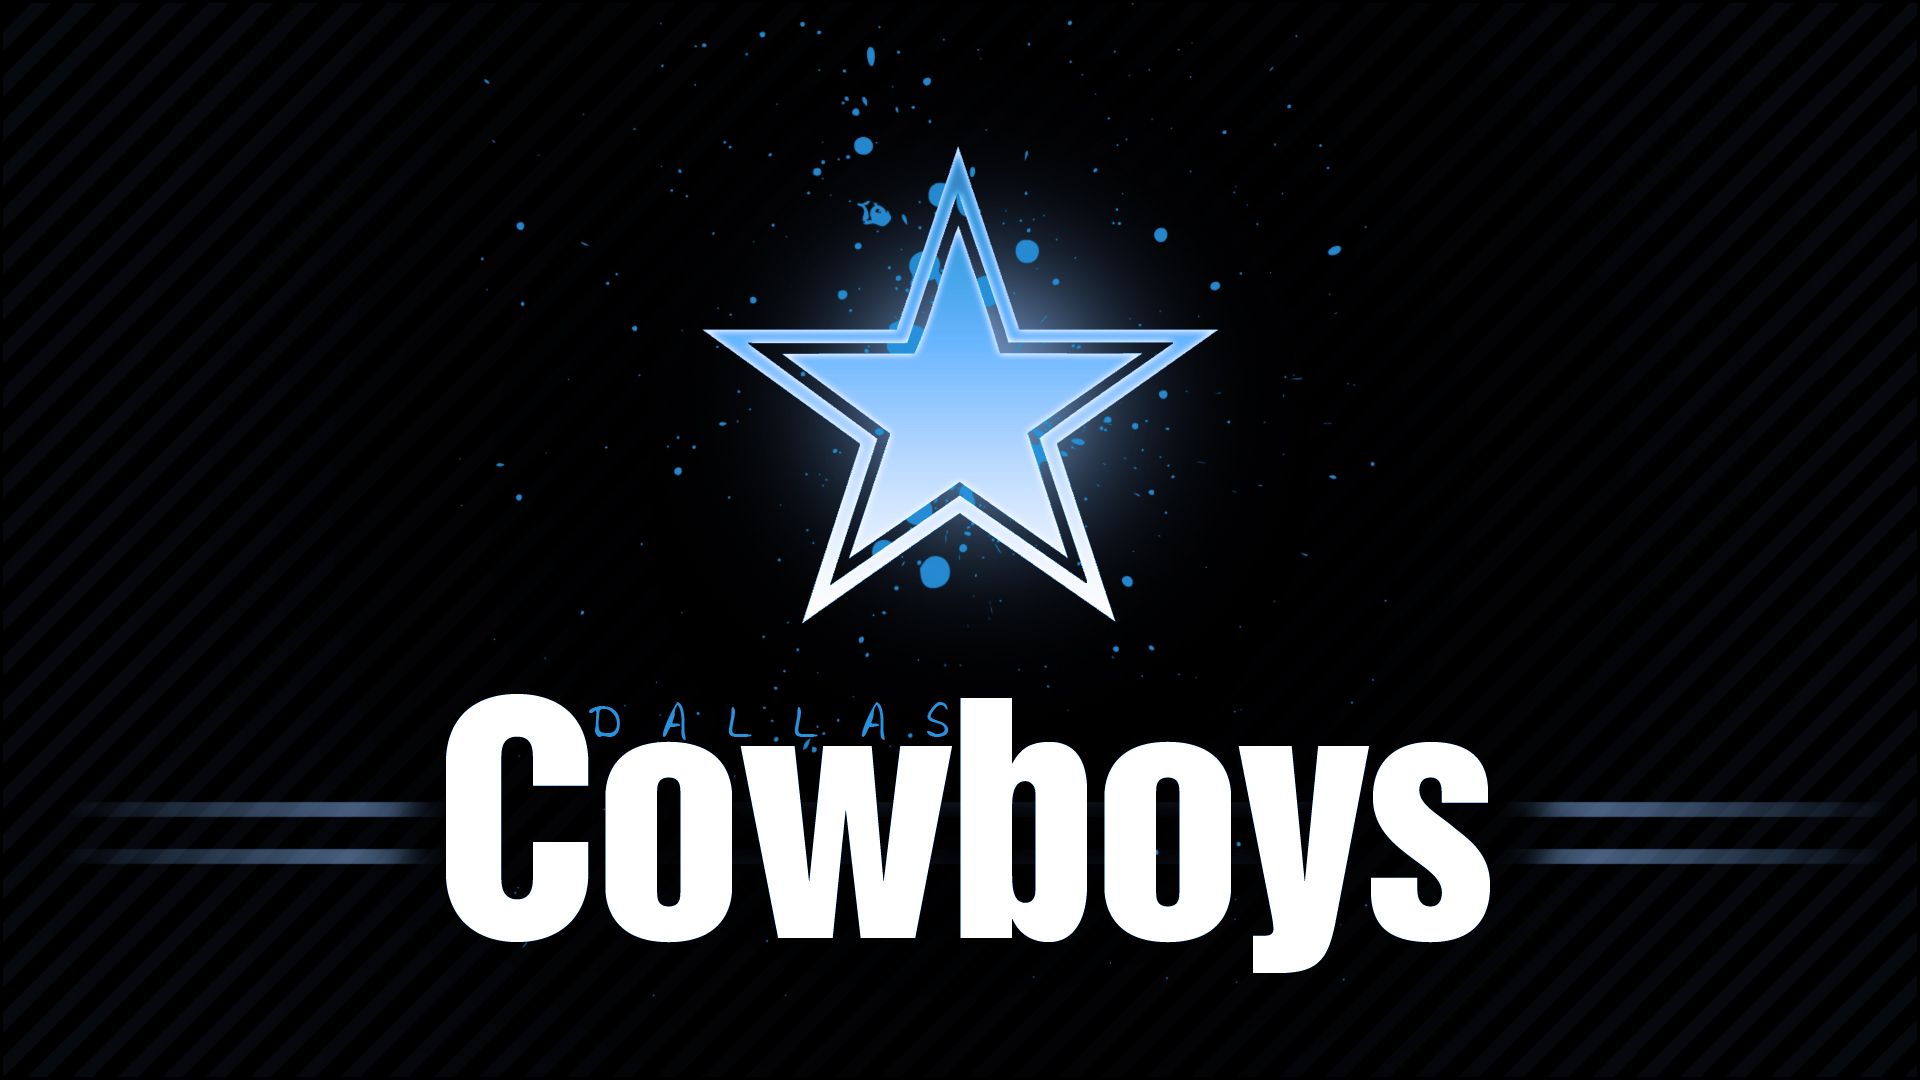 Awesome Dallas Cowboy Wallpaper HD Wallpaper WallpaperLepi 1920x1080